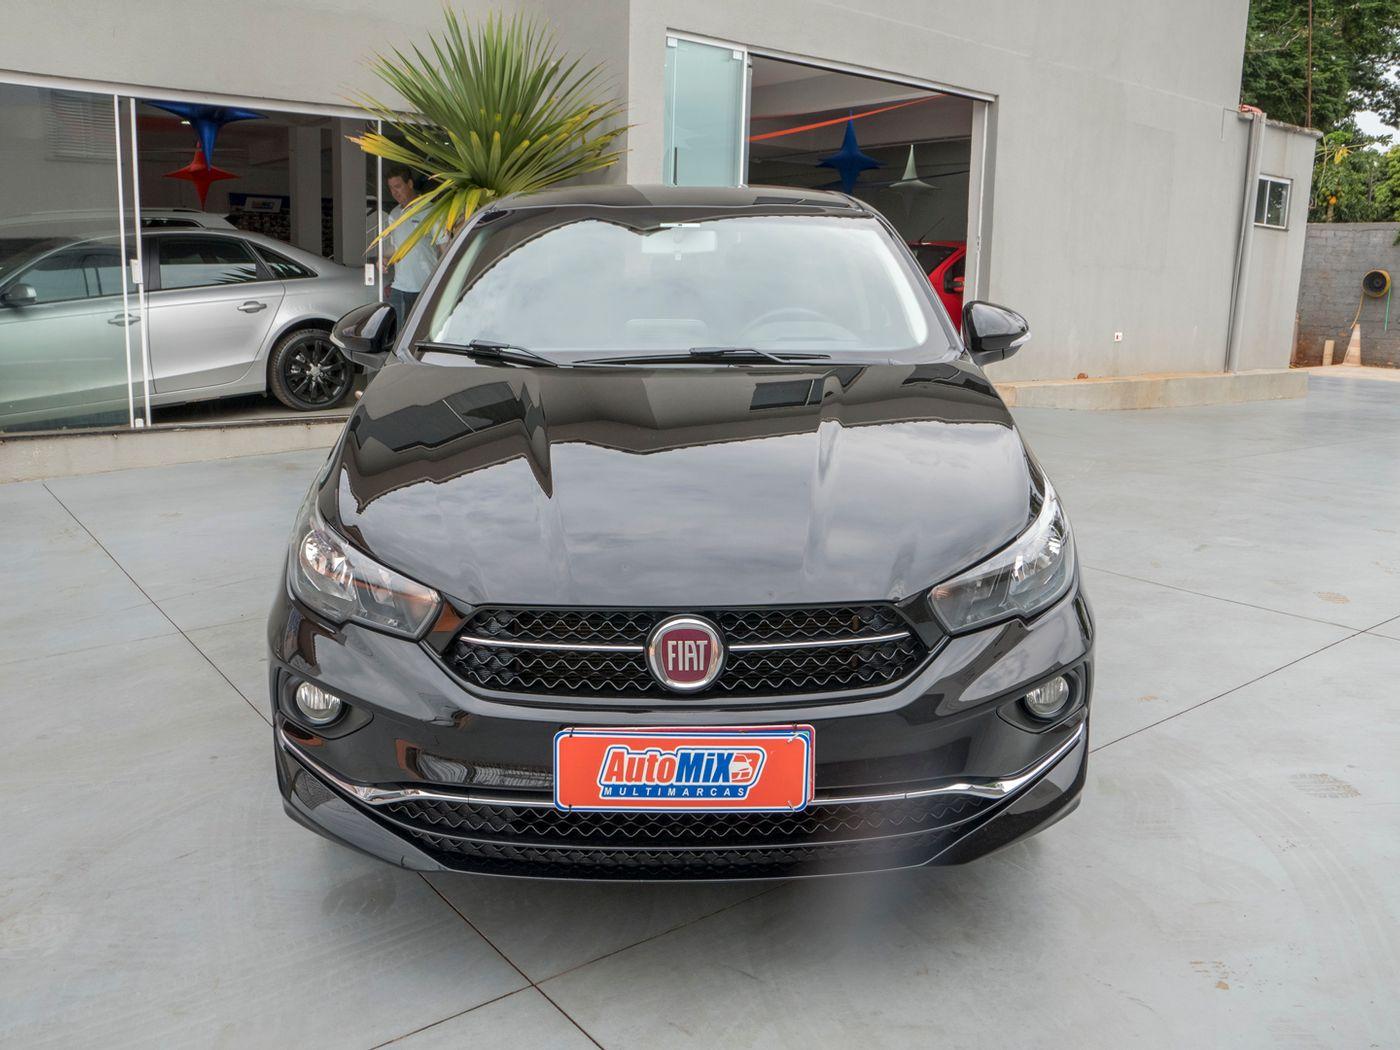 Fiat CRONOS PRECISION 1.8 16V Flex Aut.